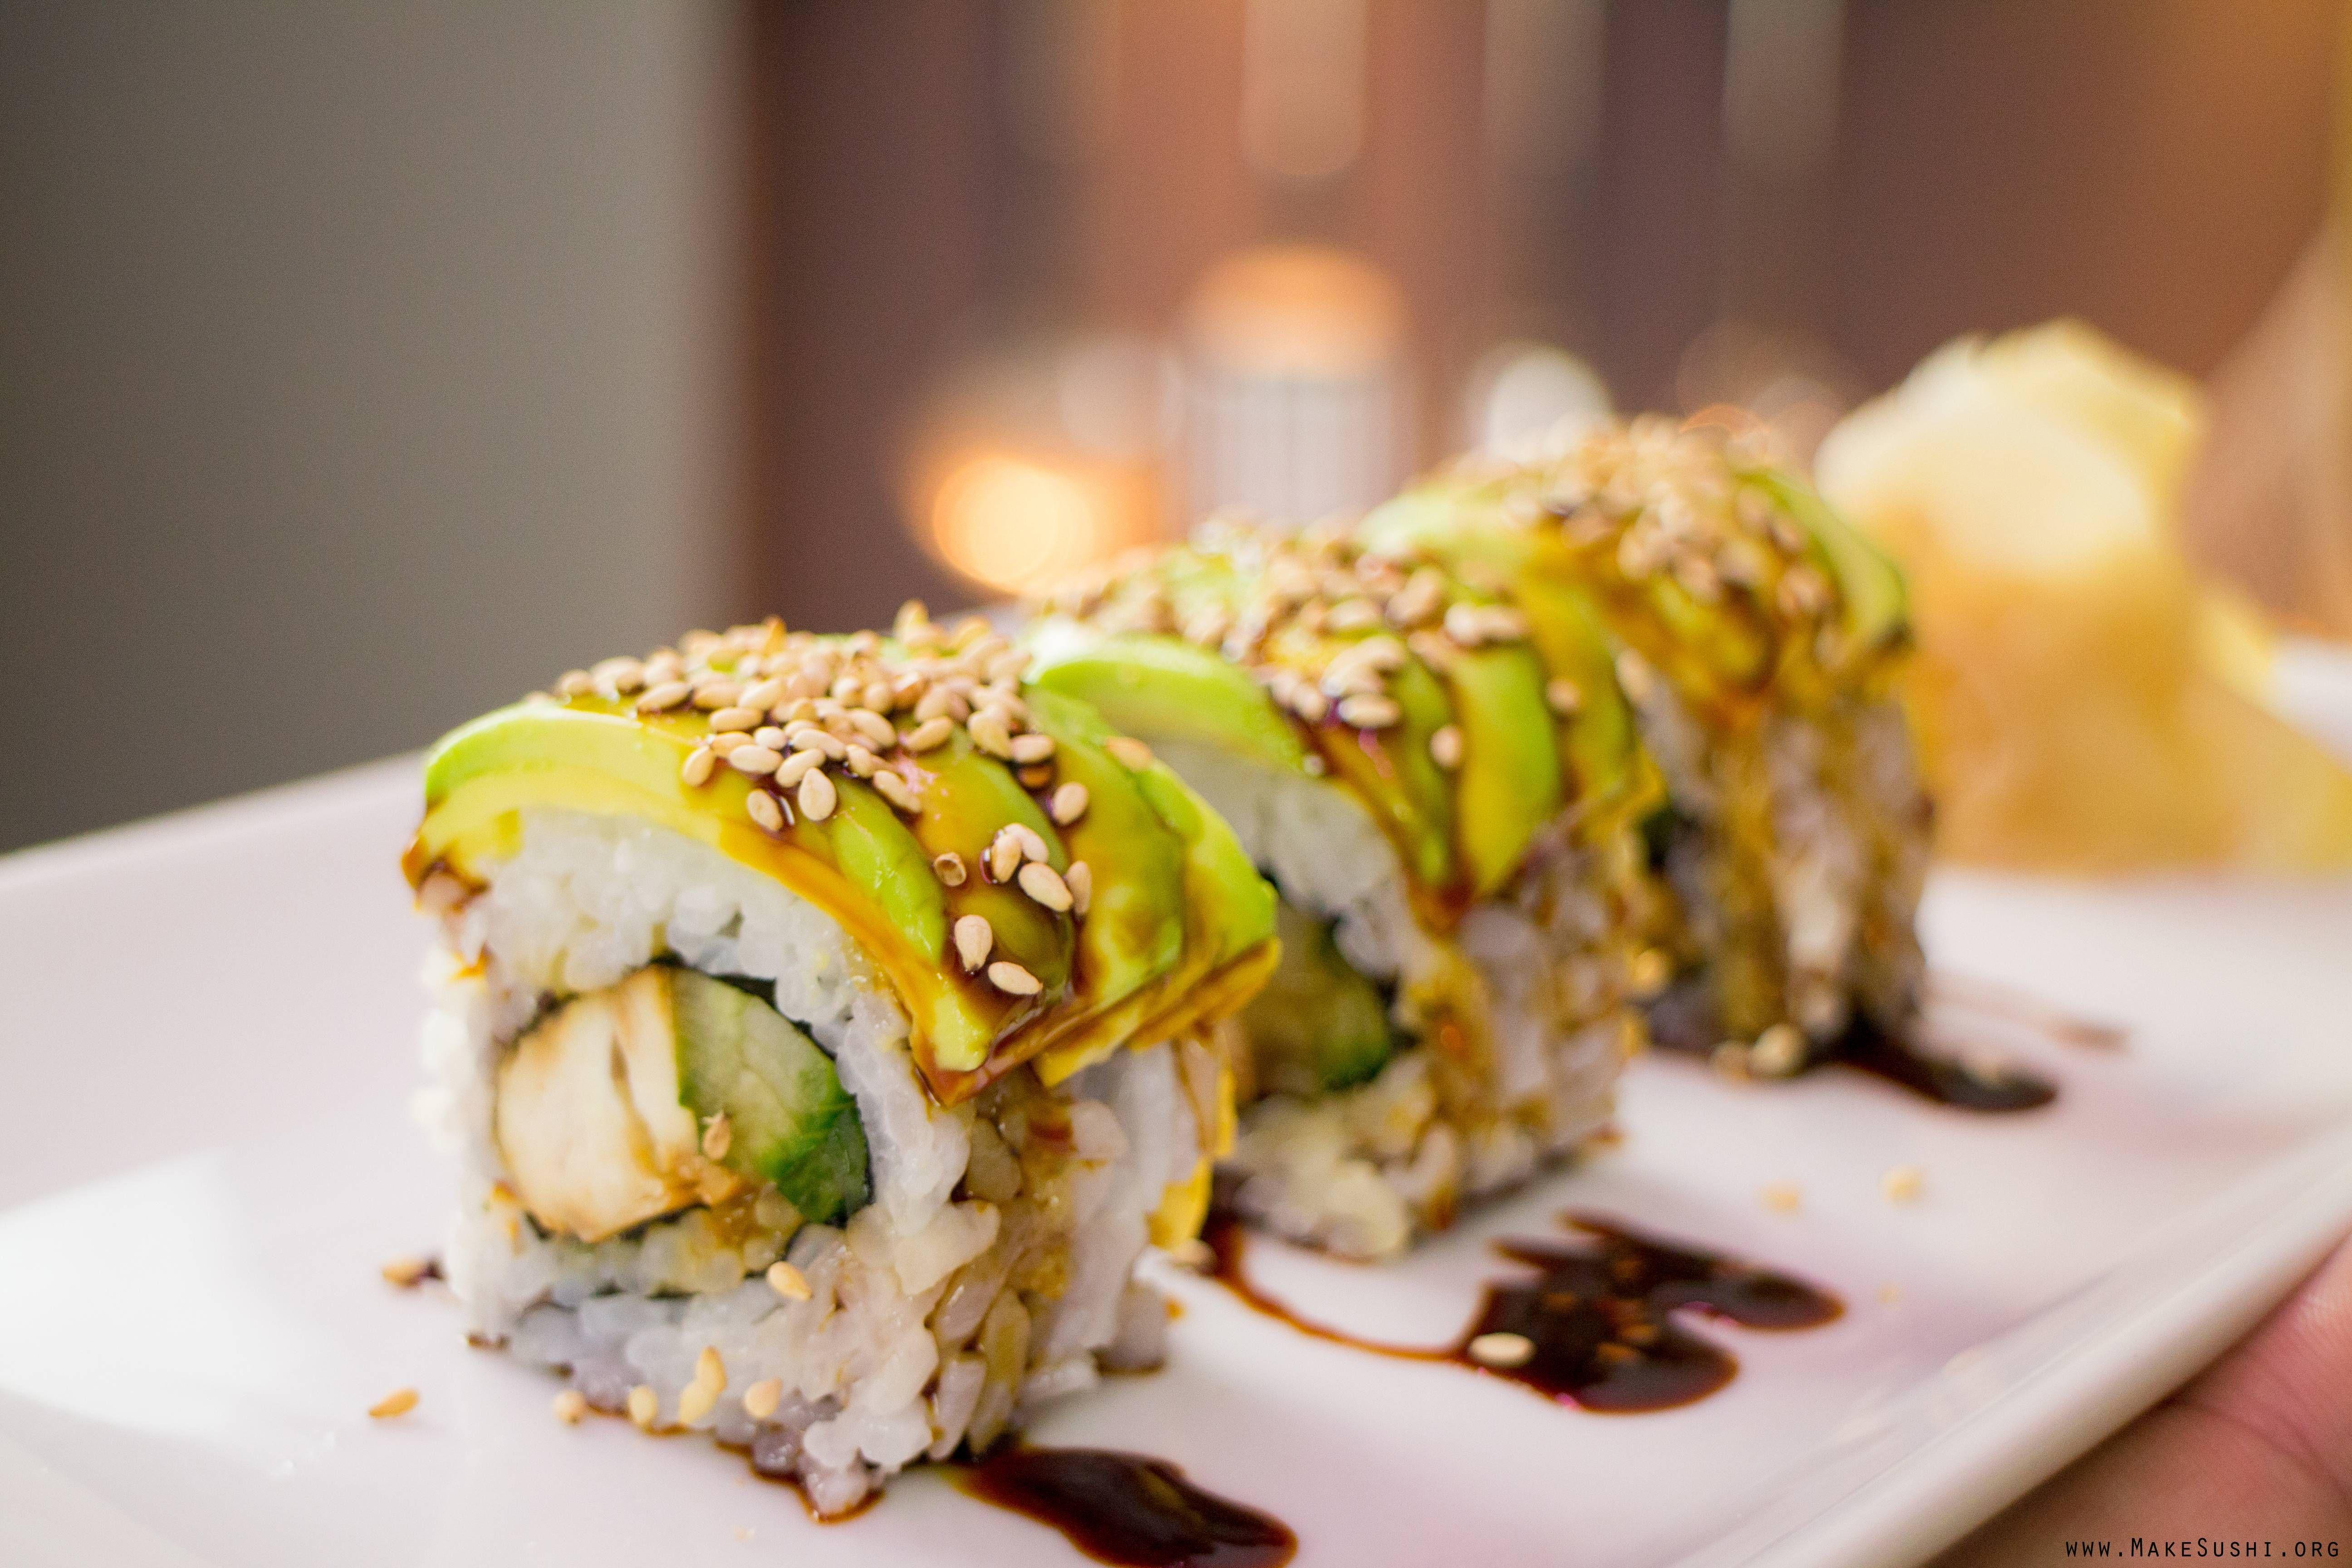 Diez Innovadoras Recetas Caseras Para Preparar Sushi Preparar